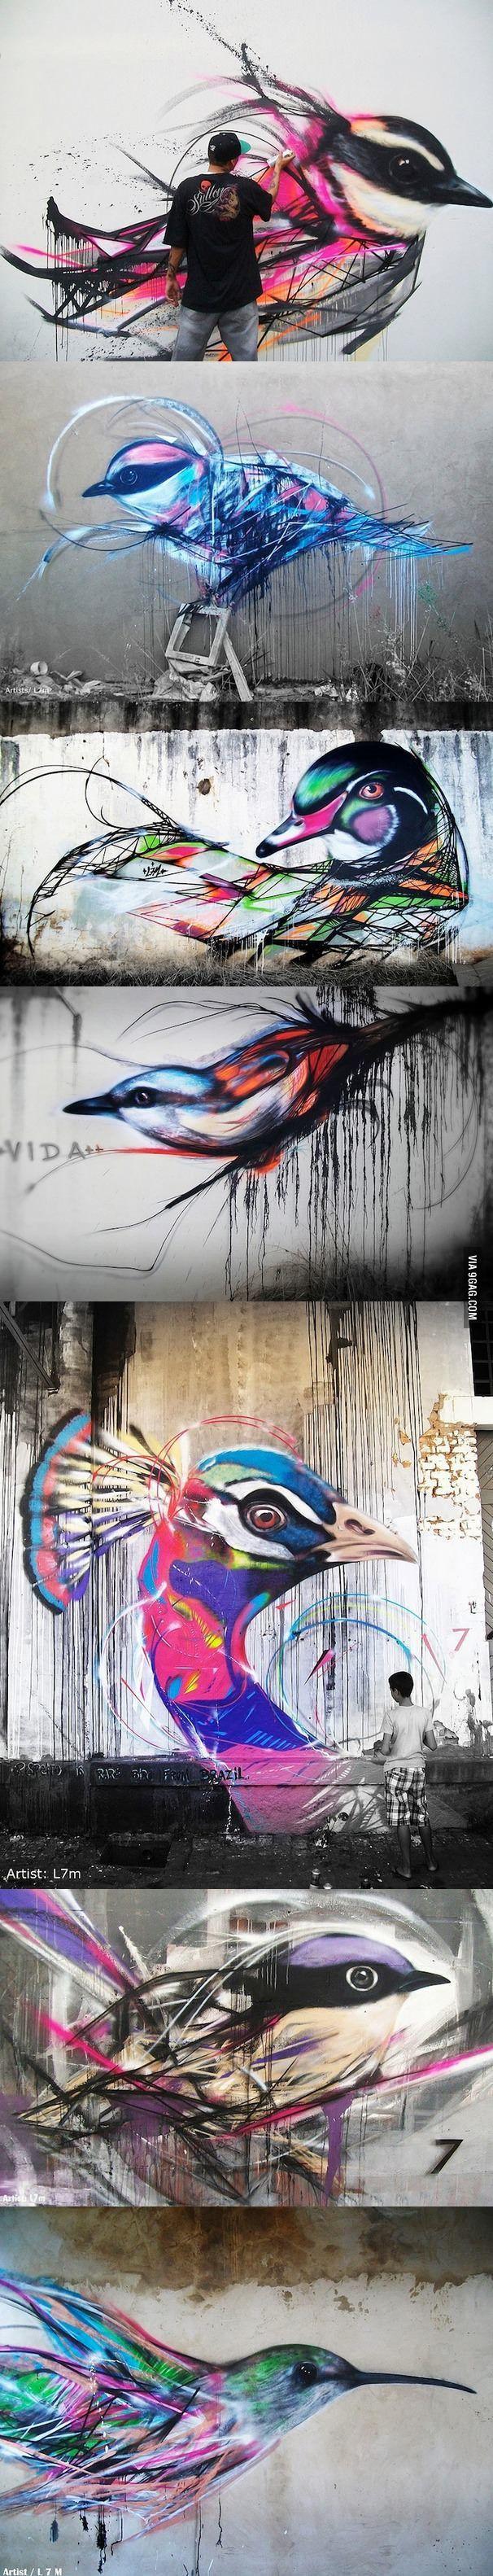 Un po di colore tra il grigio cittadino..Beautiful graffiti birds by Brazilian street artist L7m